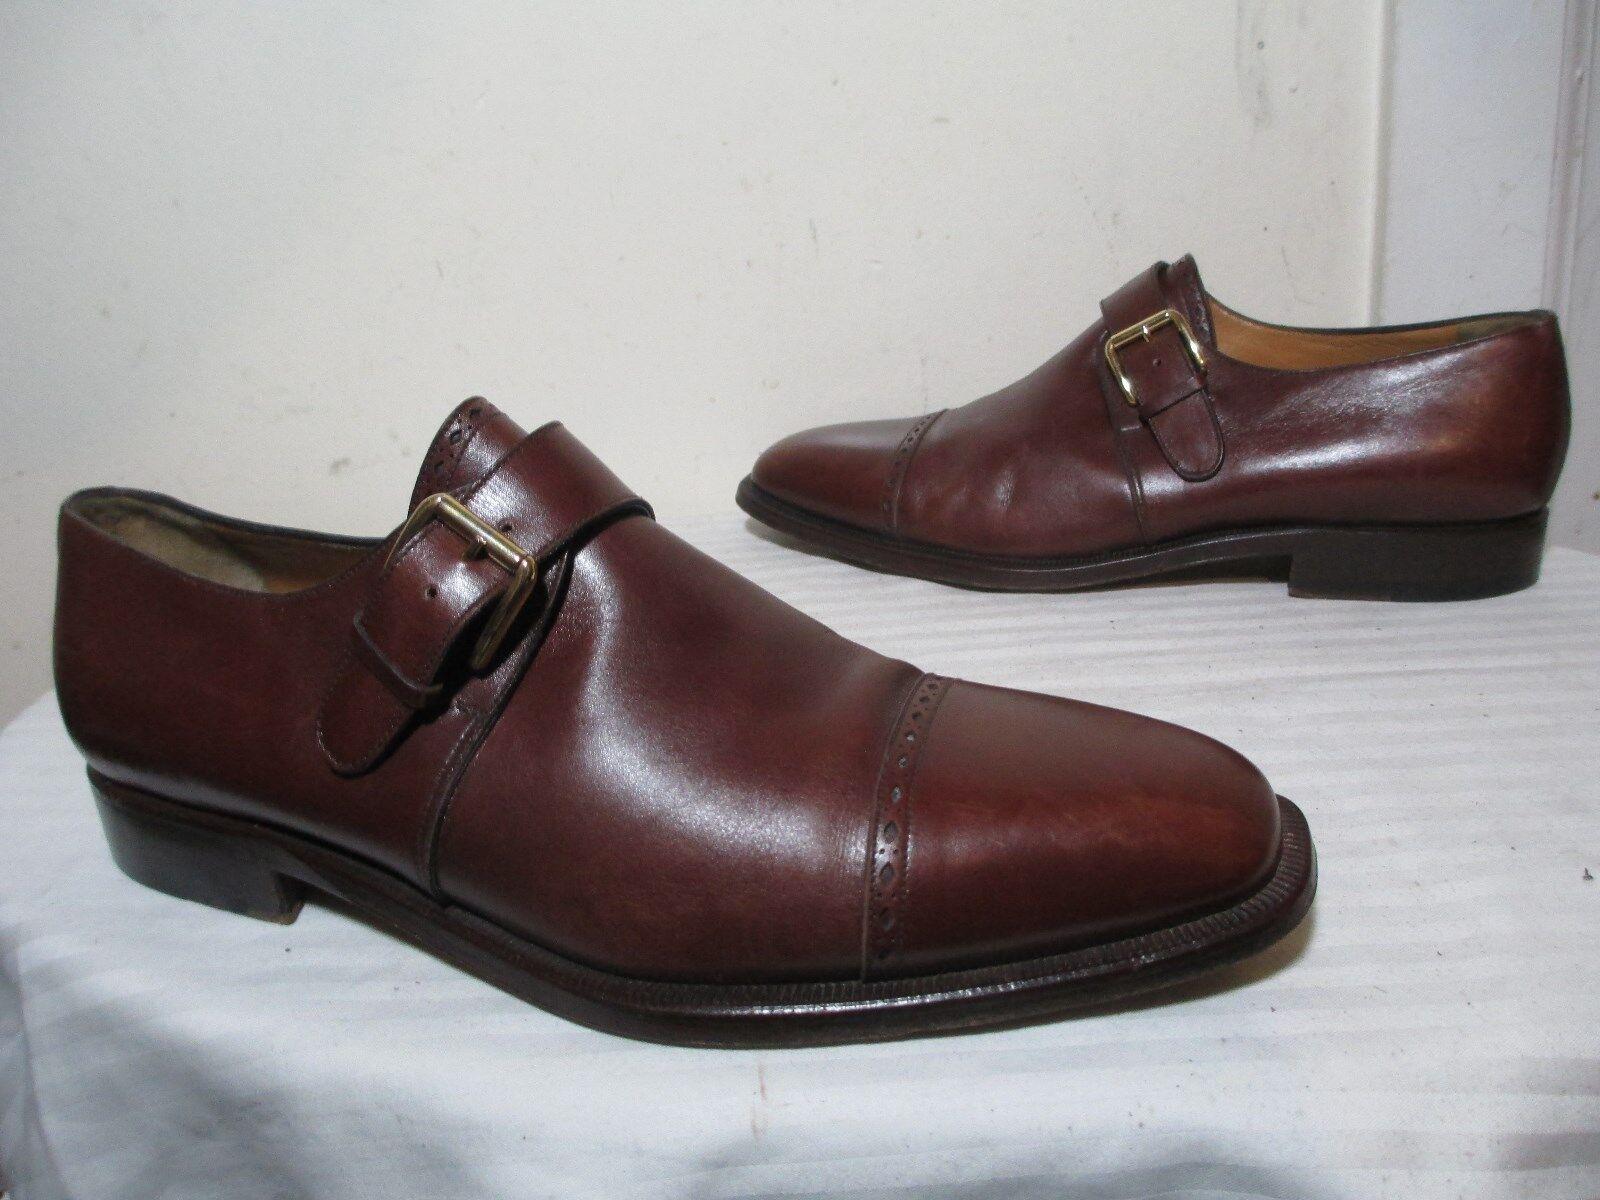 Zapatos De Vestir hombre Cuero Marrón BRUGNOLI Monje Correa perforado Puntera 9 US 10.5